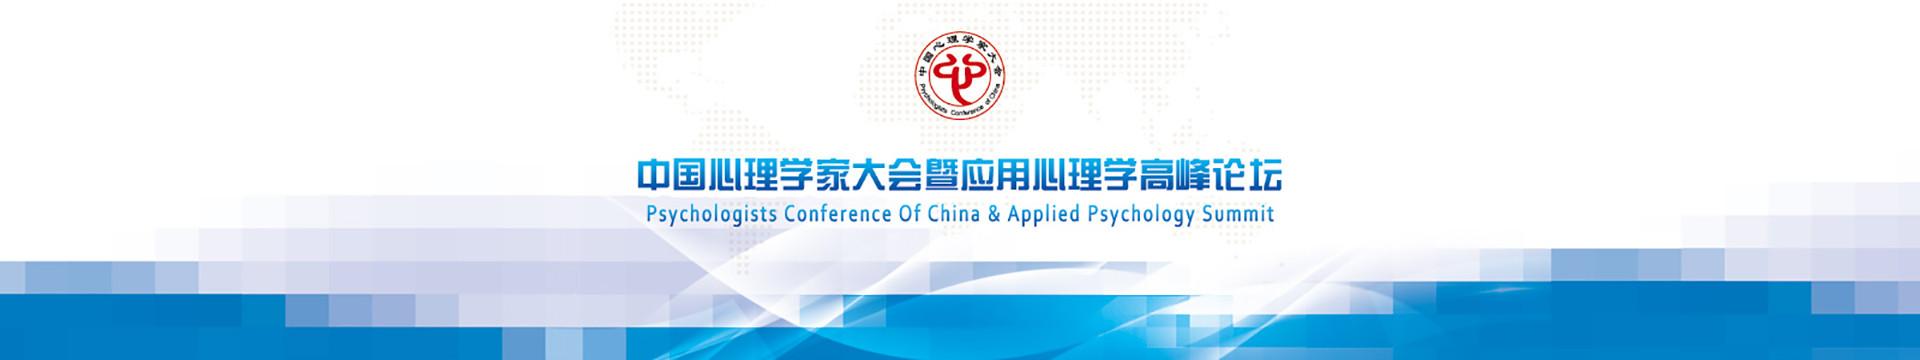 2017第十一届中国心理学家大会暨应用心理学高峰论坛